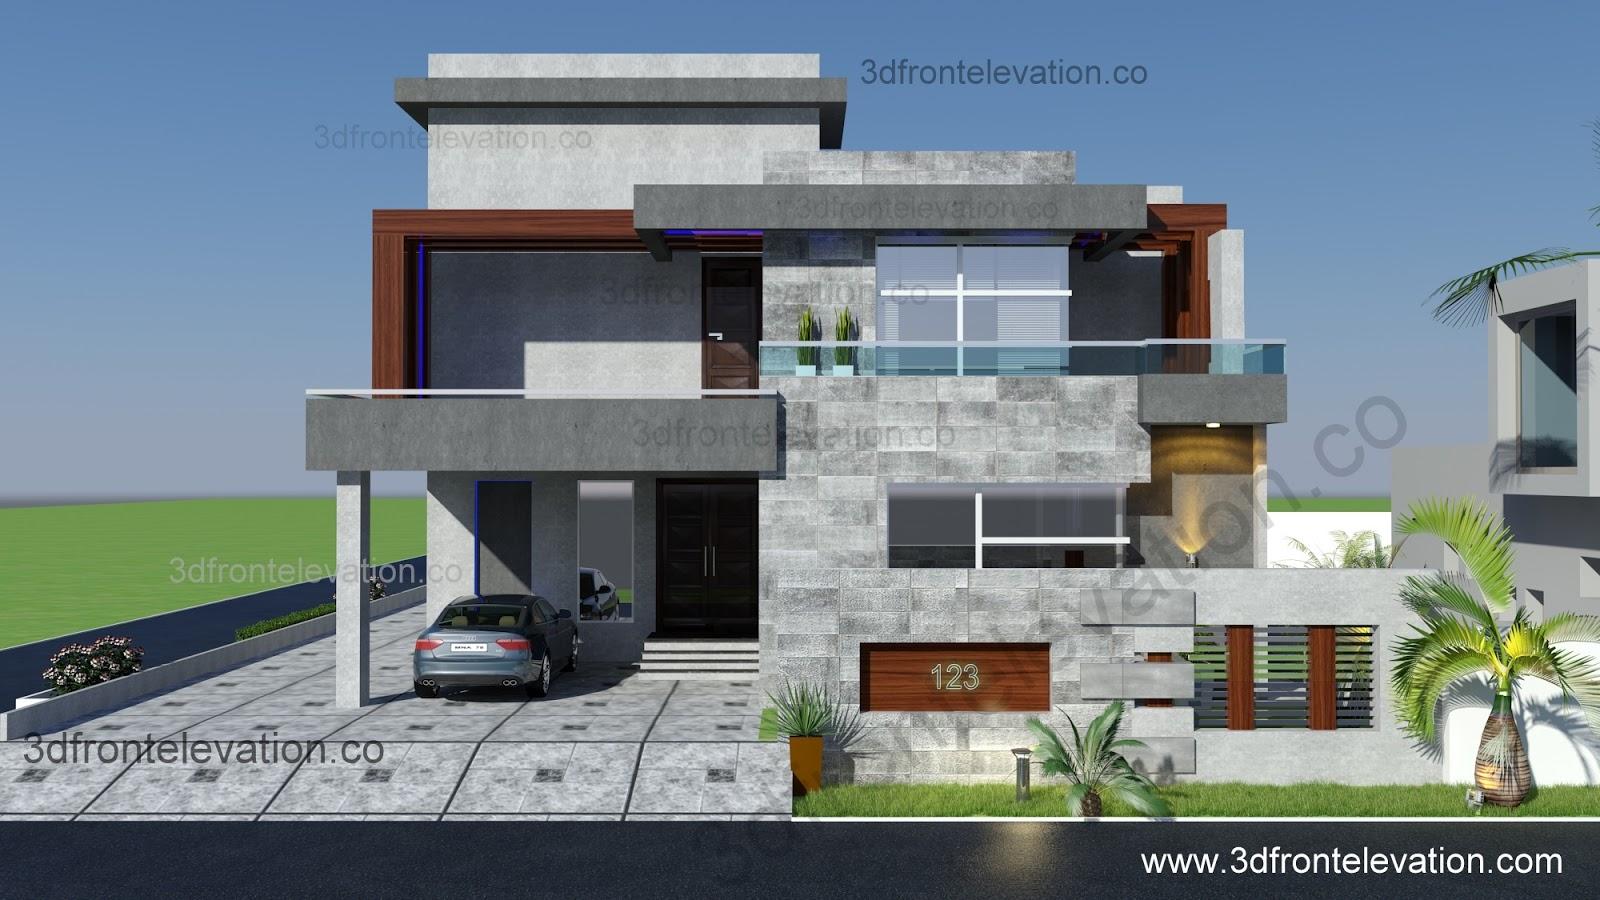 D Front Elevation Software : D front elevation portfolio